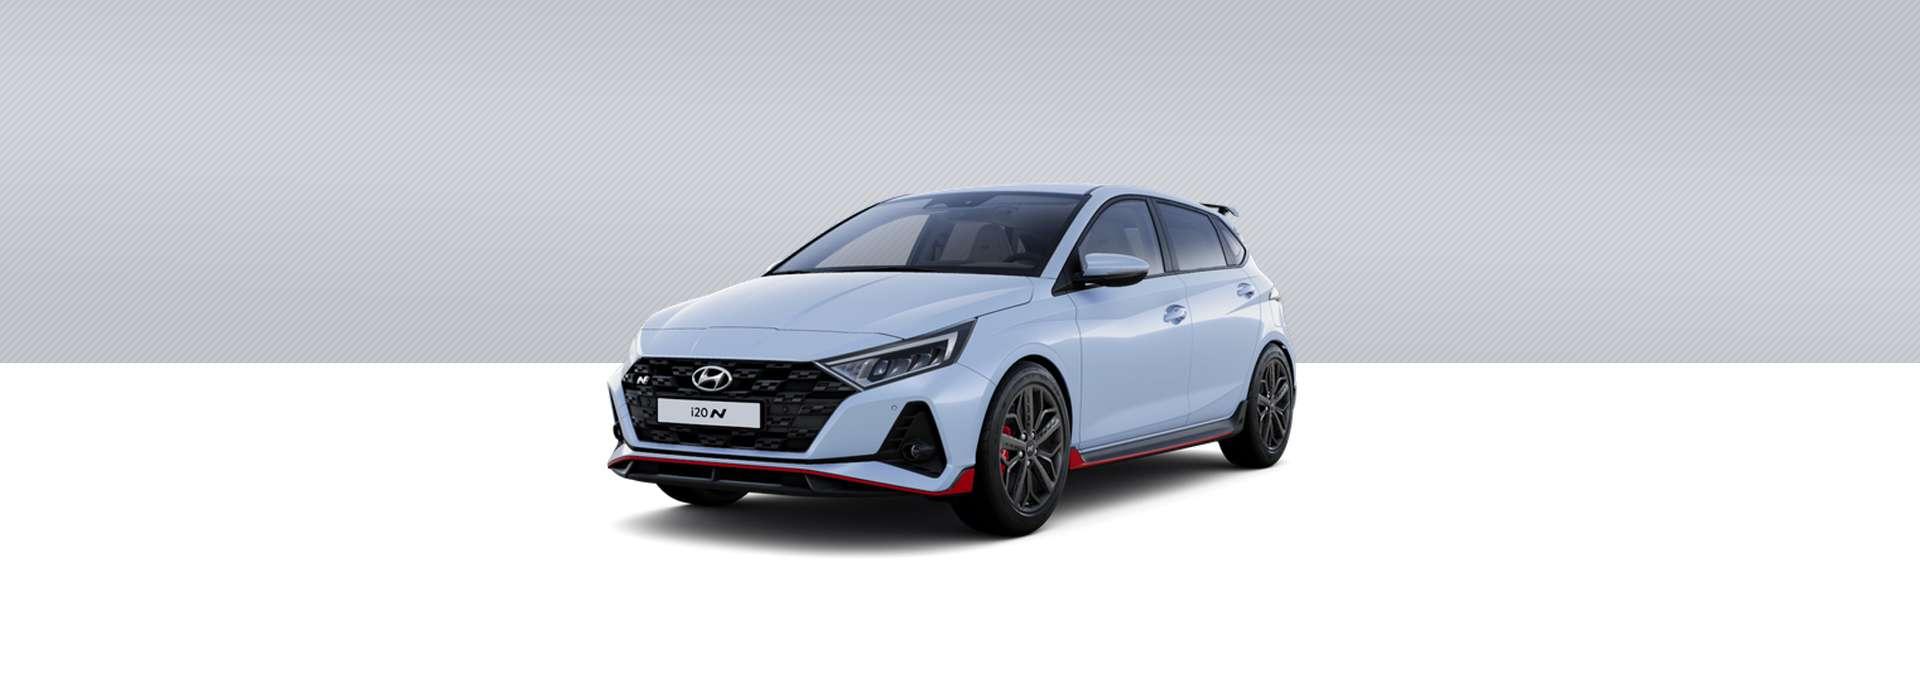 Hyundai Nuevo i20 N